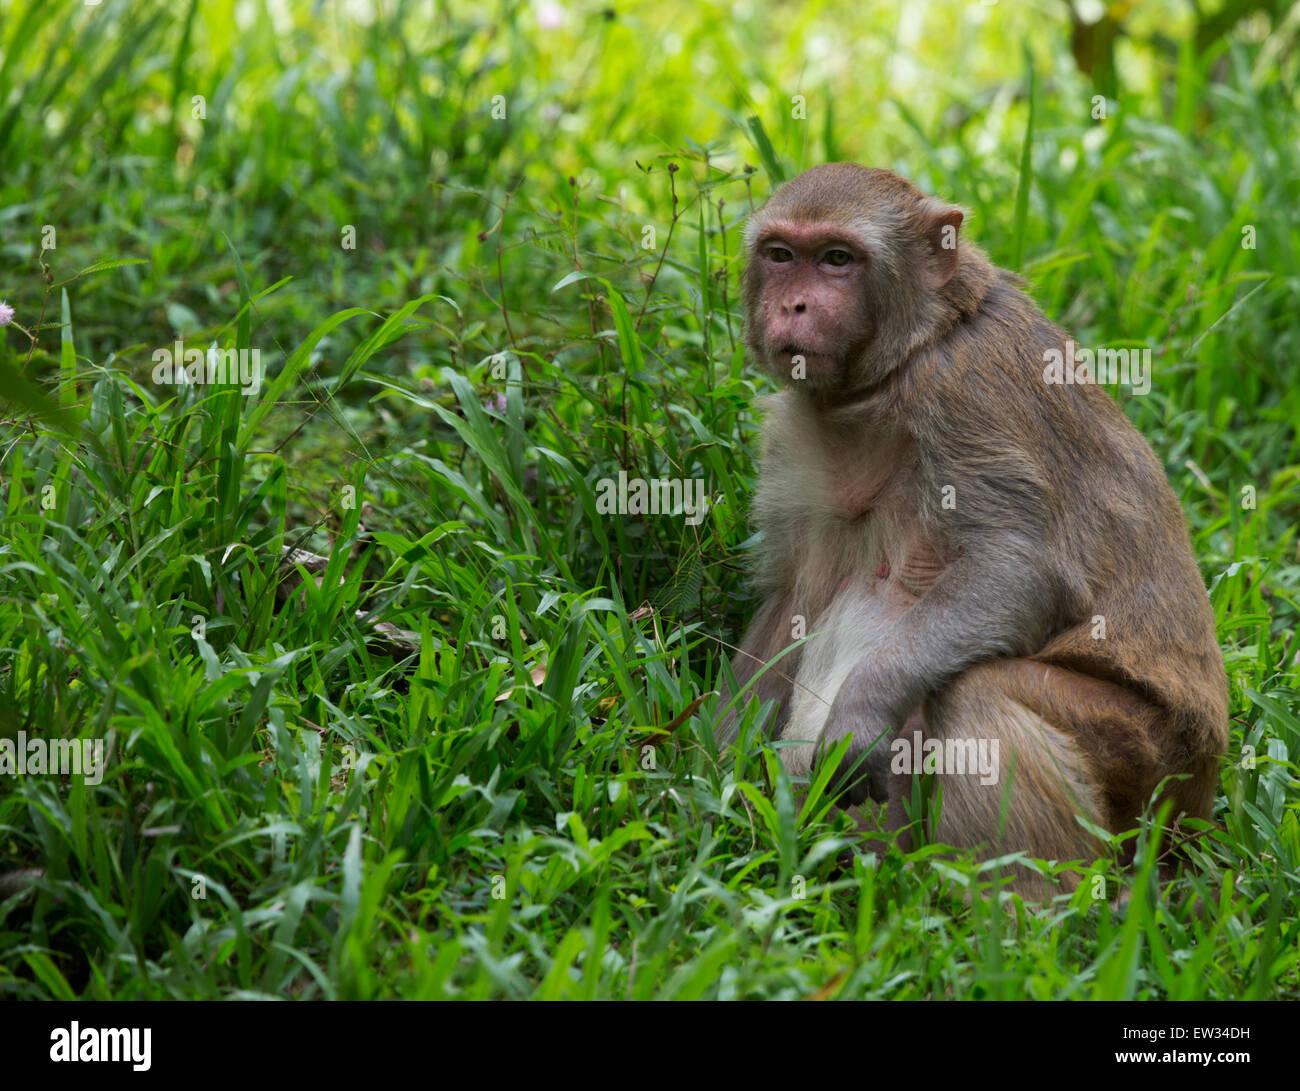 Rhesus Macaque (Macaca mulatta) - Stock Image